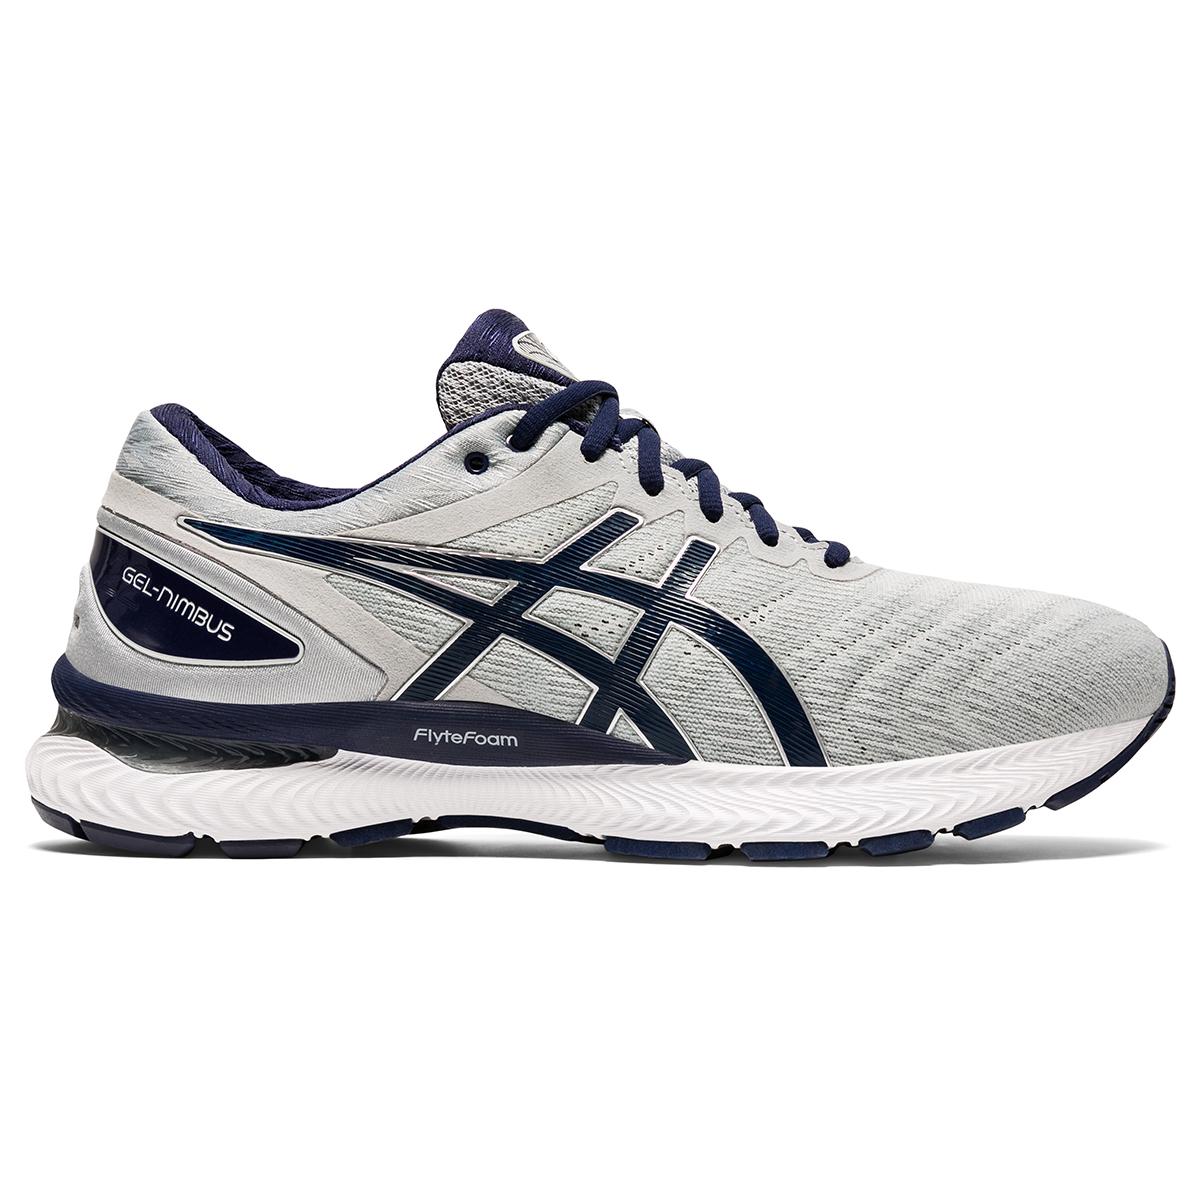 Men's Asics Gel-Nimbus 22 Running Shoe - Color: Piedmont Grey/Peacoat - Size: 6 - Width: Regular, Piedmont Grey/Peacoat, large, image 1